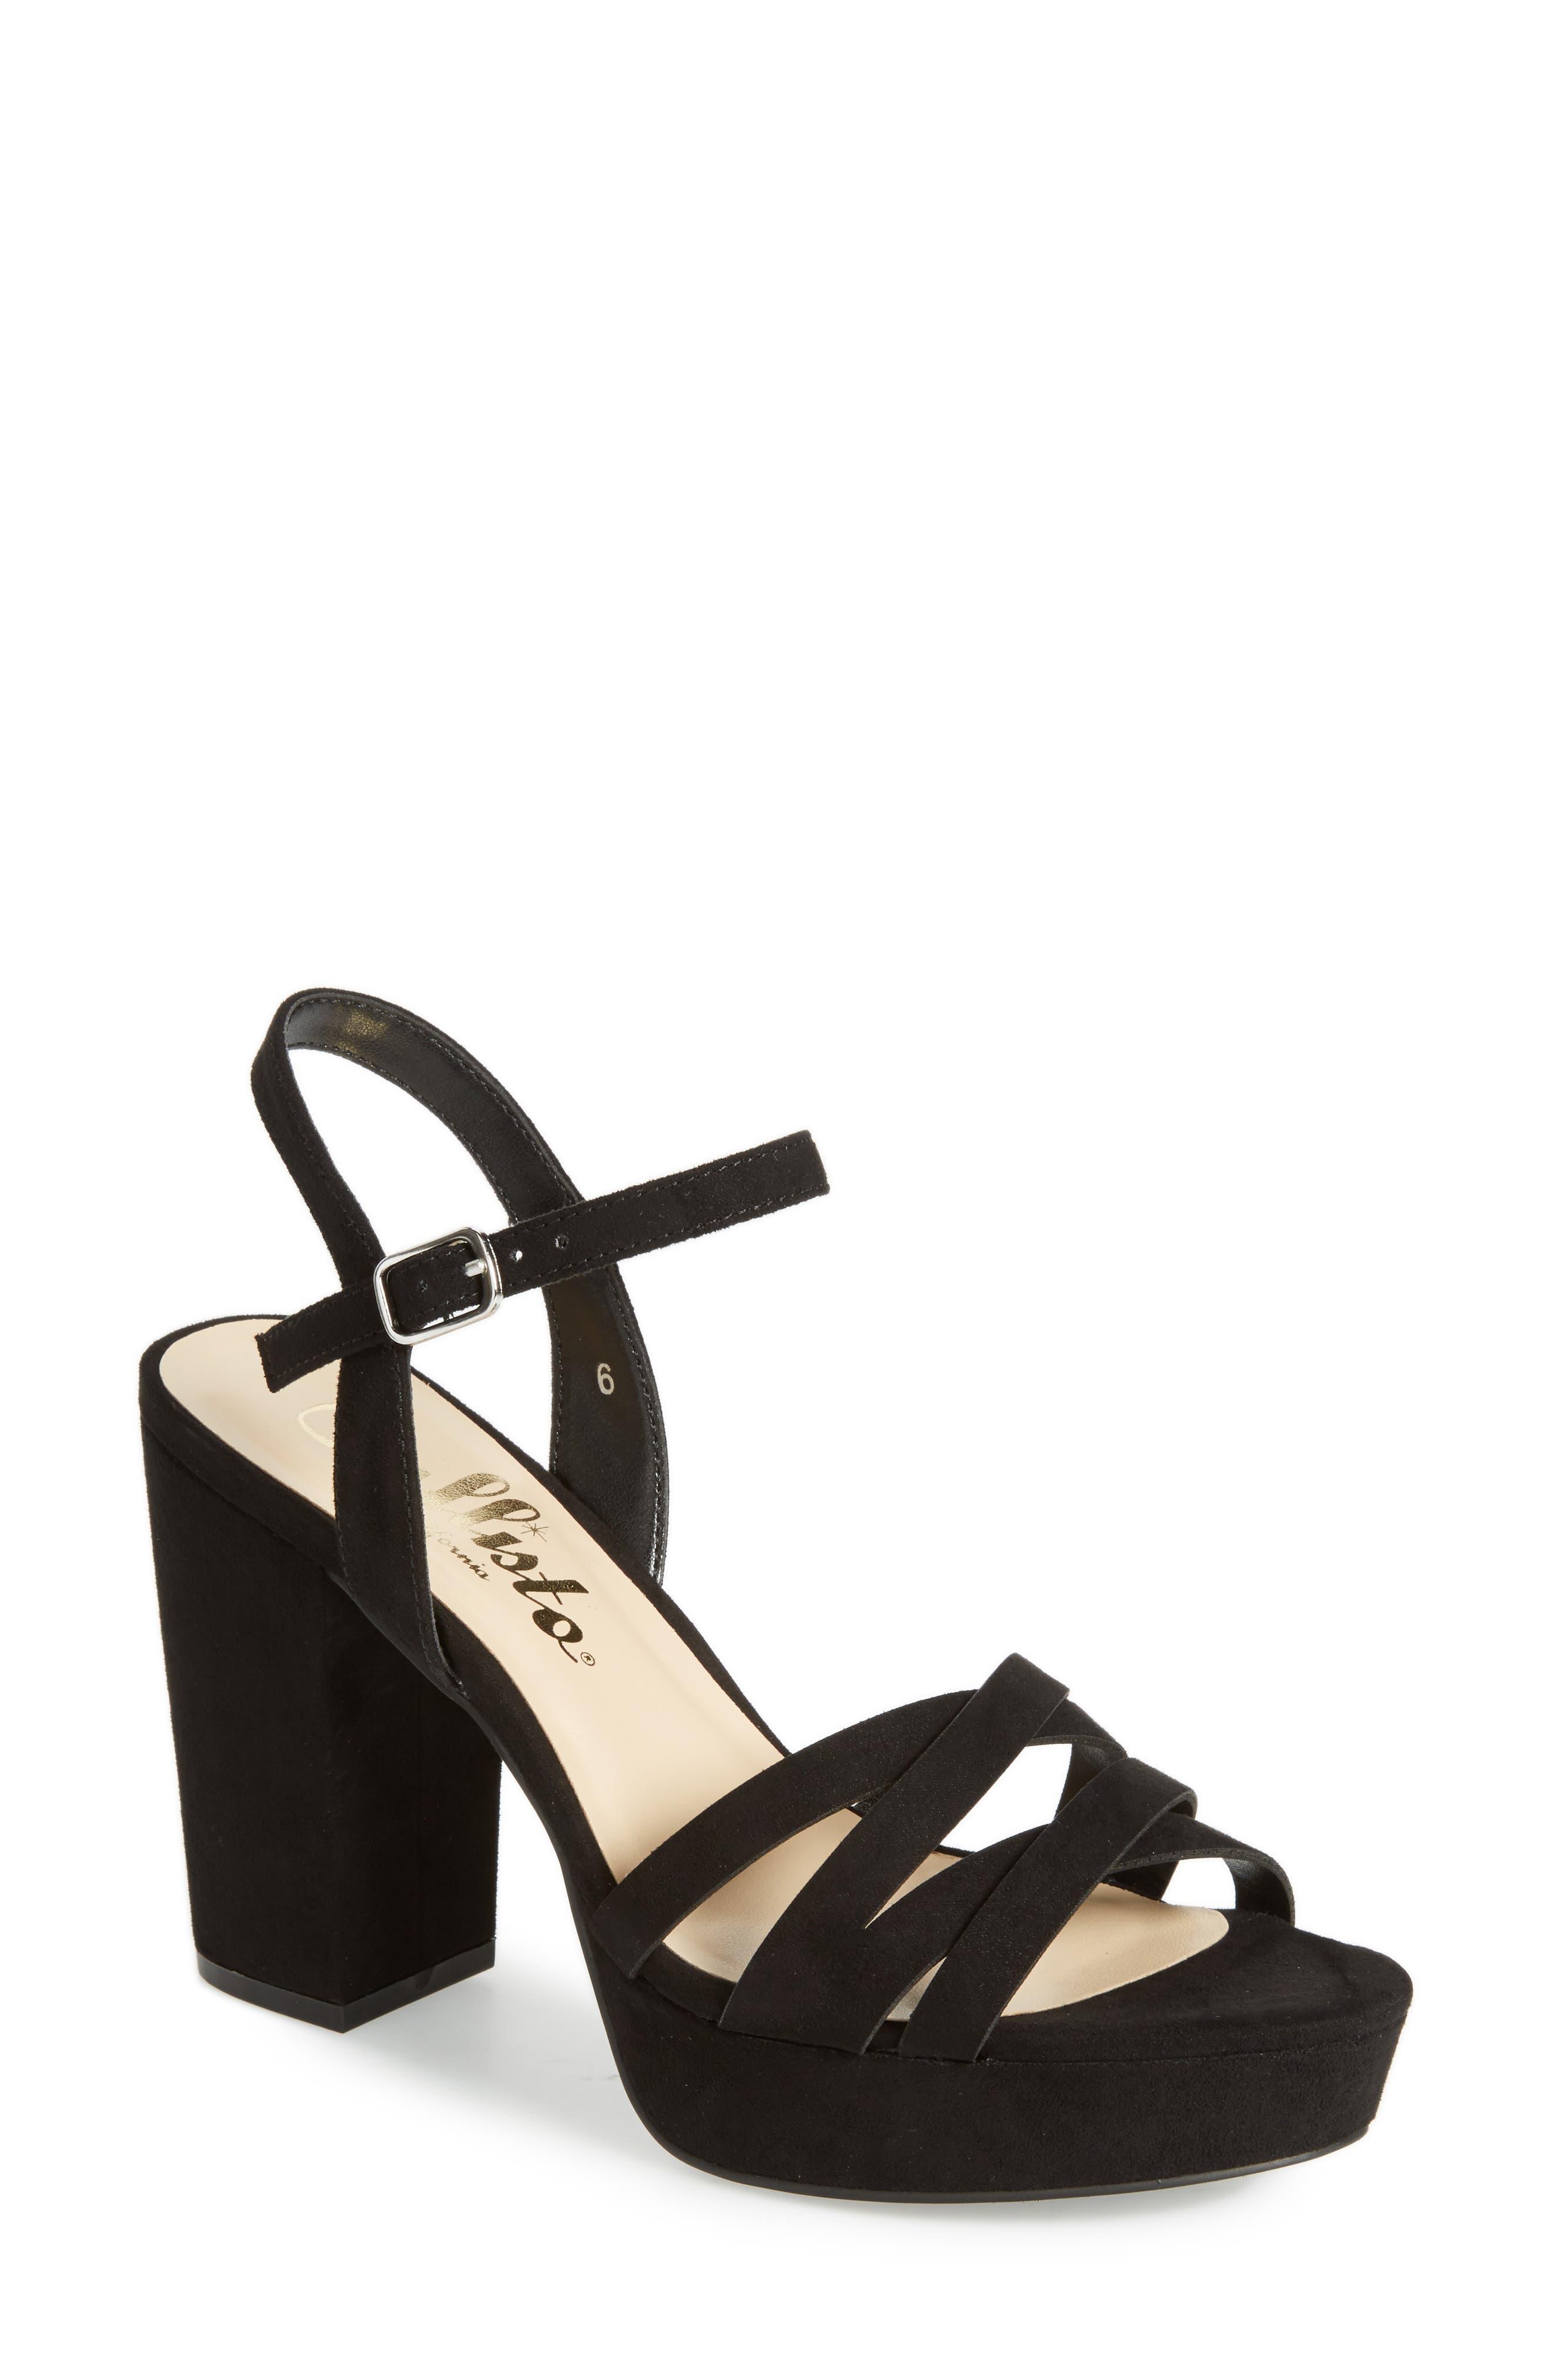 Paxx Platform Sandal,                             Main thumbnail 1, color,                             Black Faux Suede